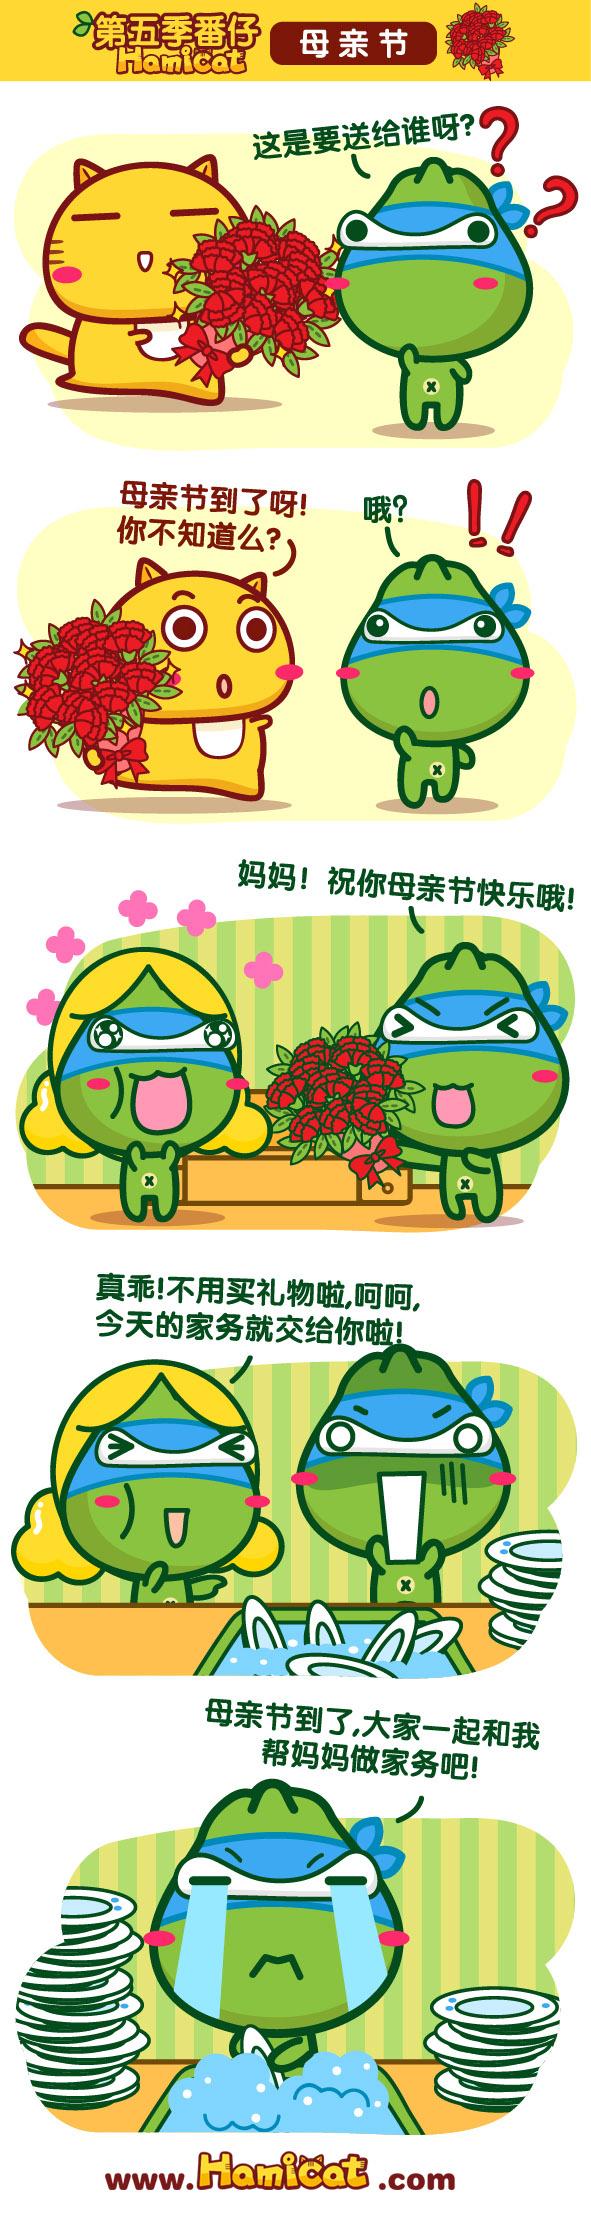 健力宝x哈咪猫漫画5月-01.jpg